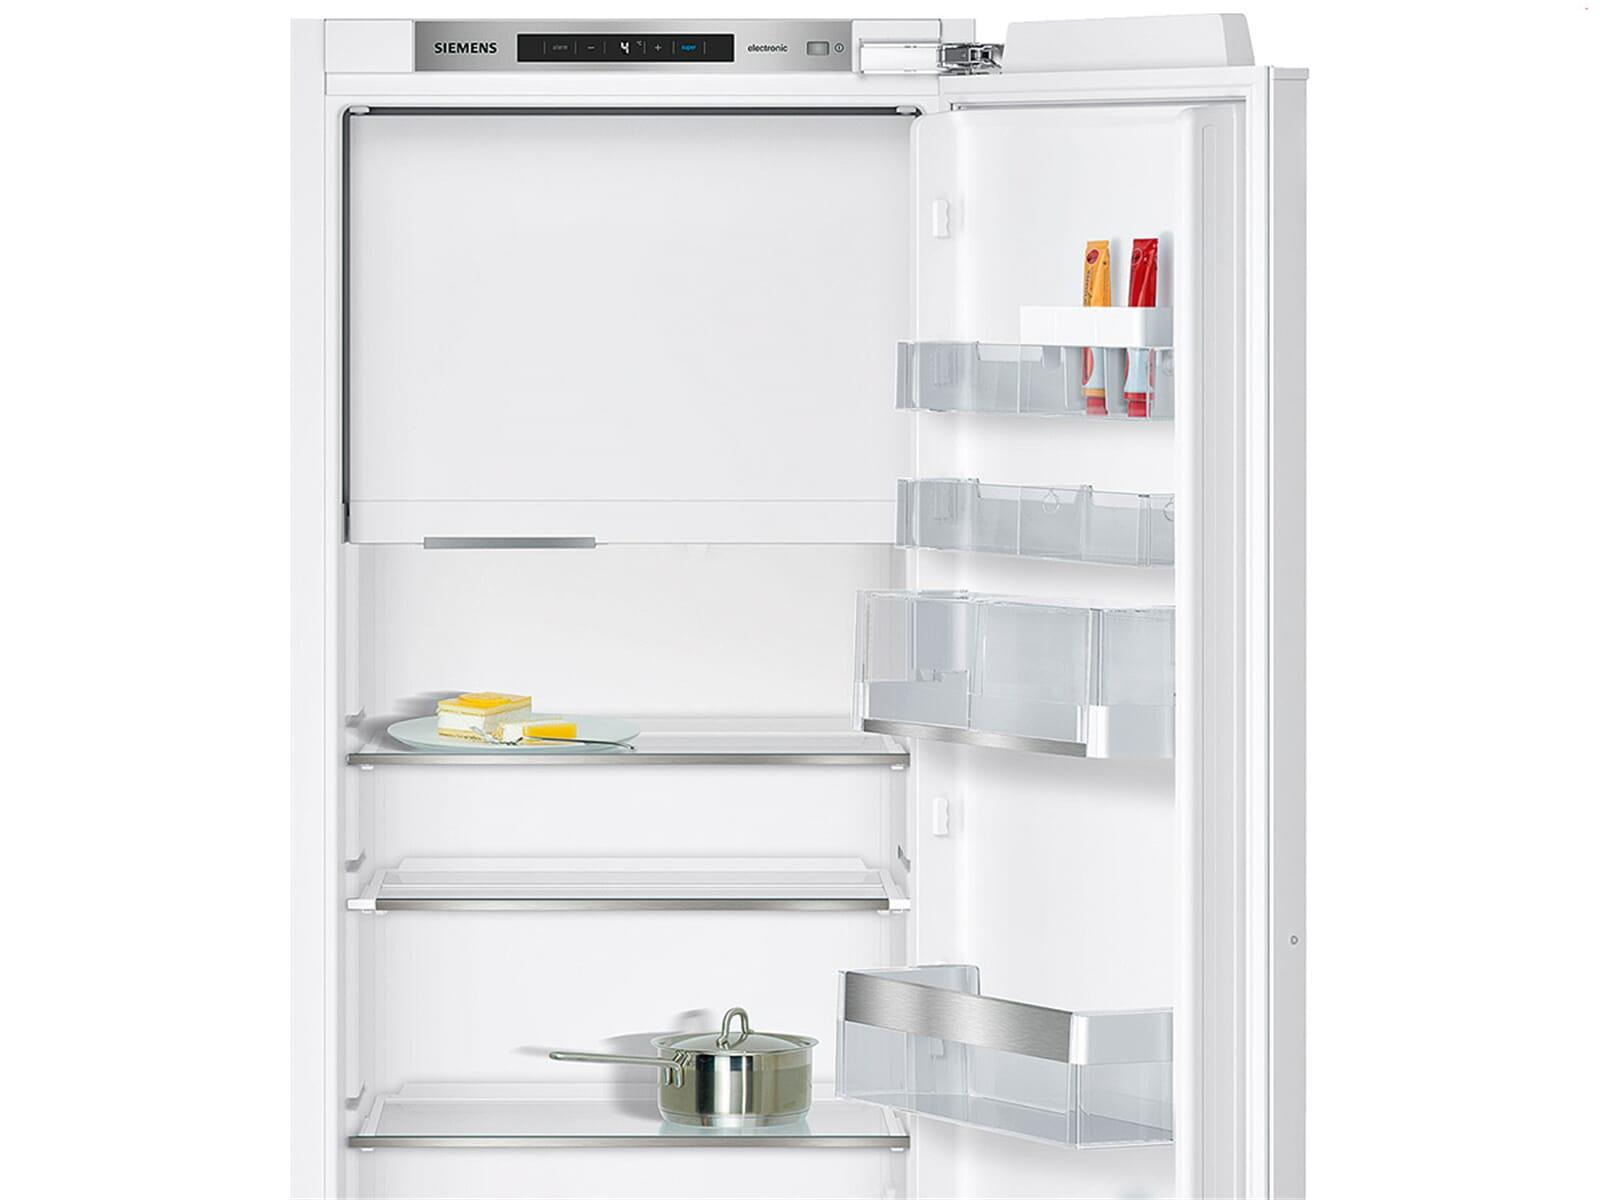 Siemens KI82LAD30 Einbaukühlschrank